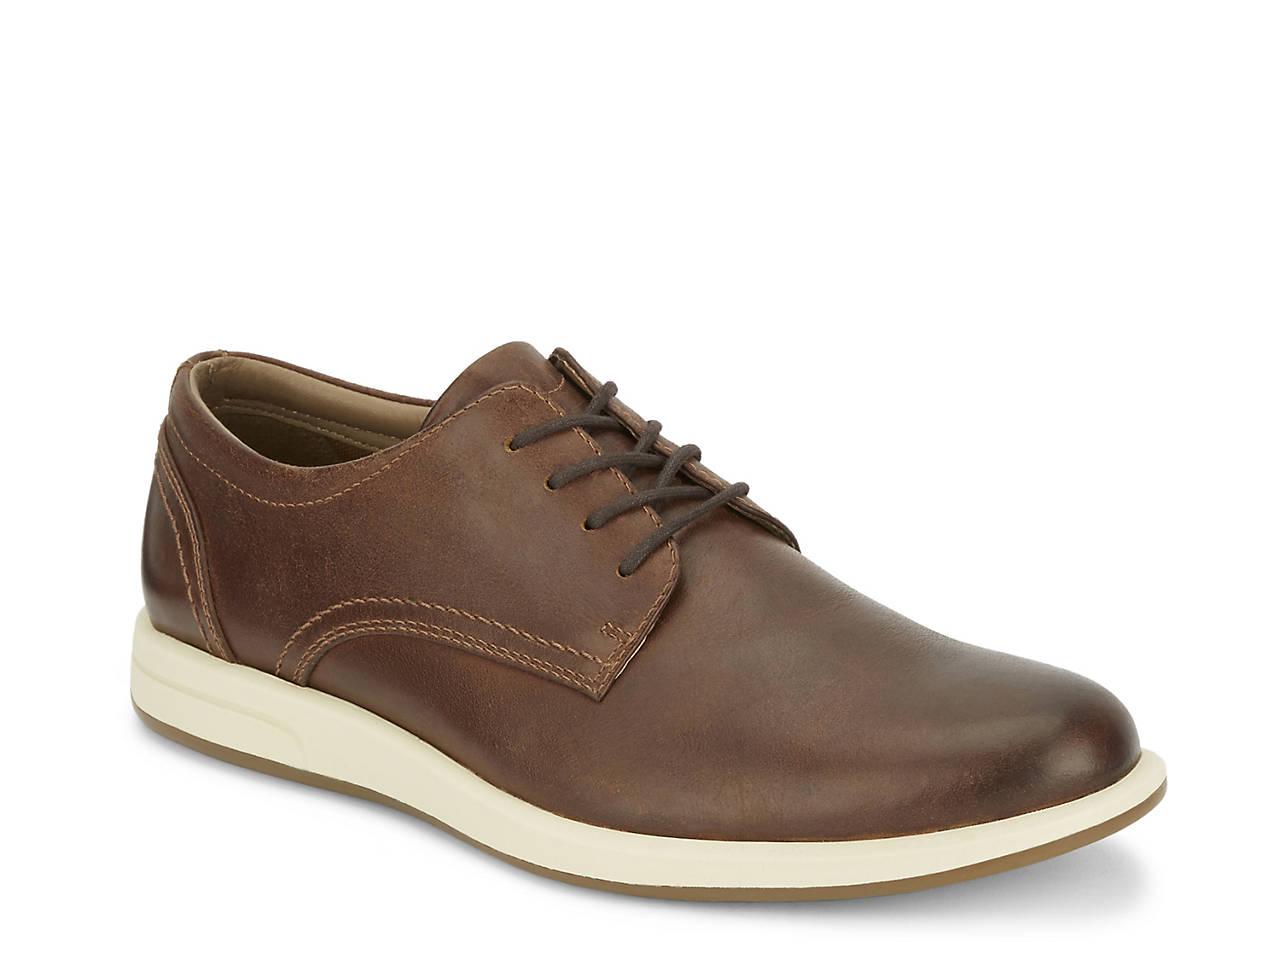 9becec716d3ed3 Dockers Parkview Oxford Men s Shoes